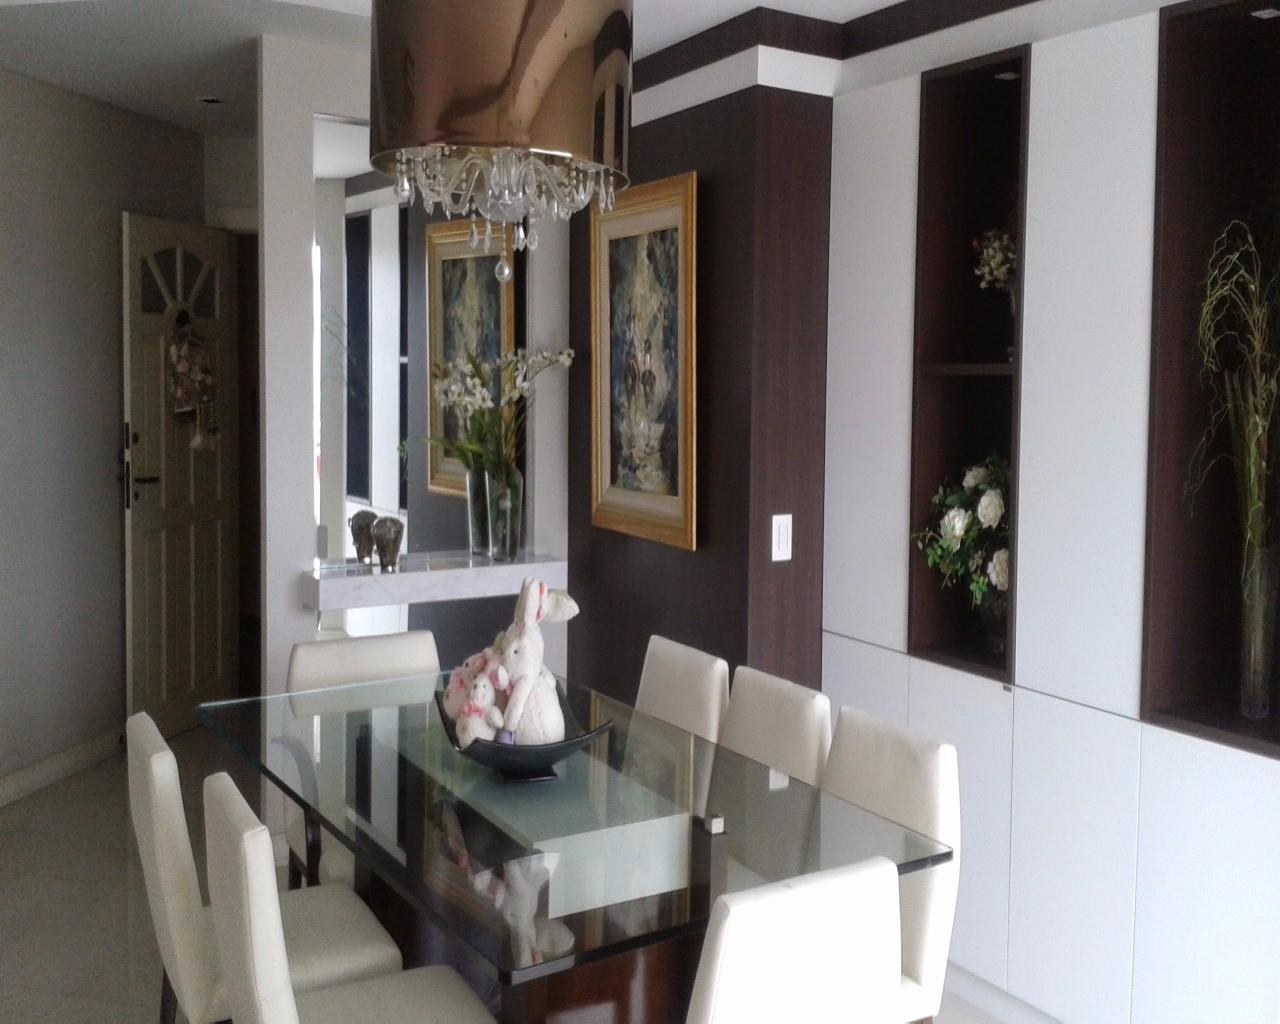 comprar ou alugar apartamento no bairro anita garibaldi na cidade de joinville-sc